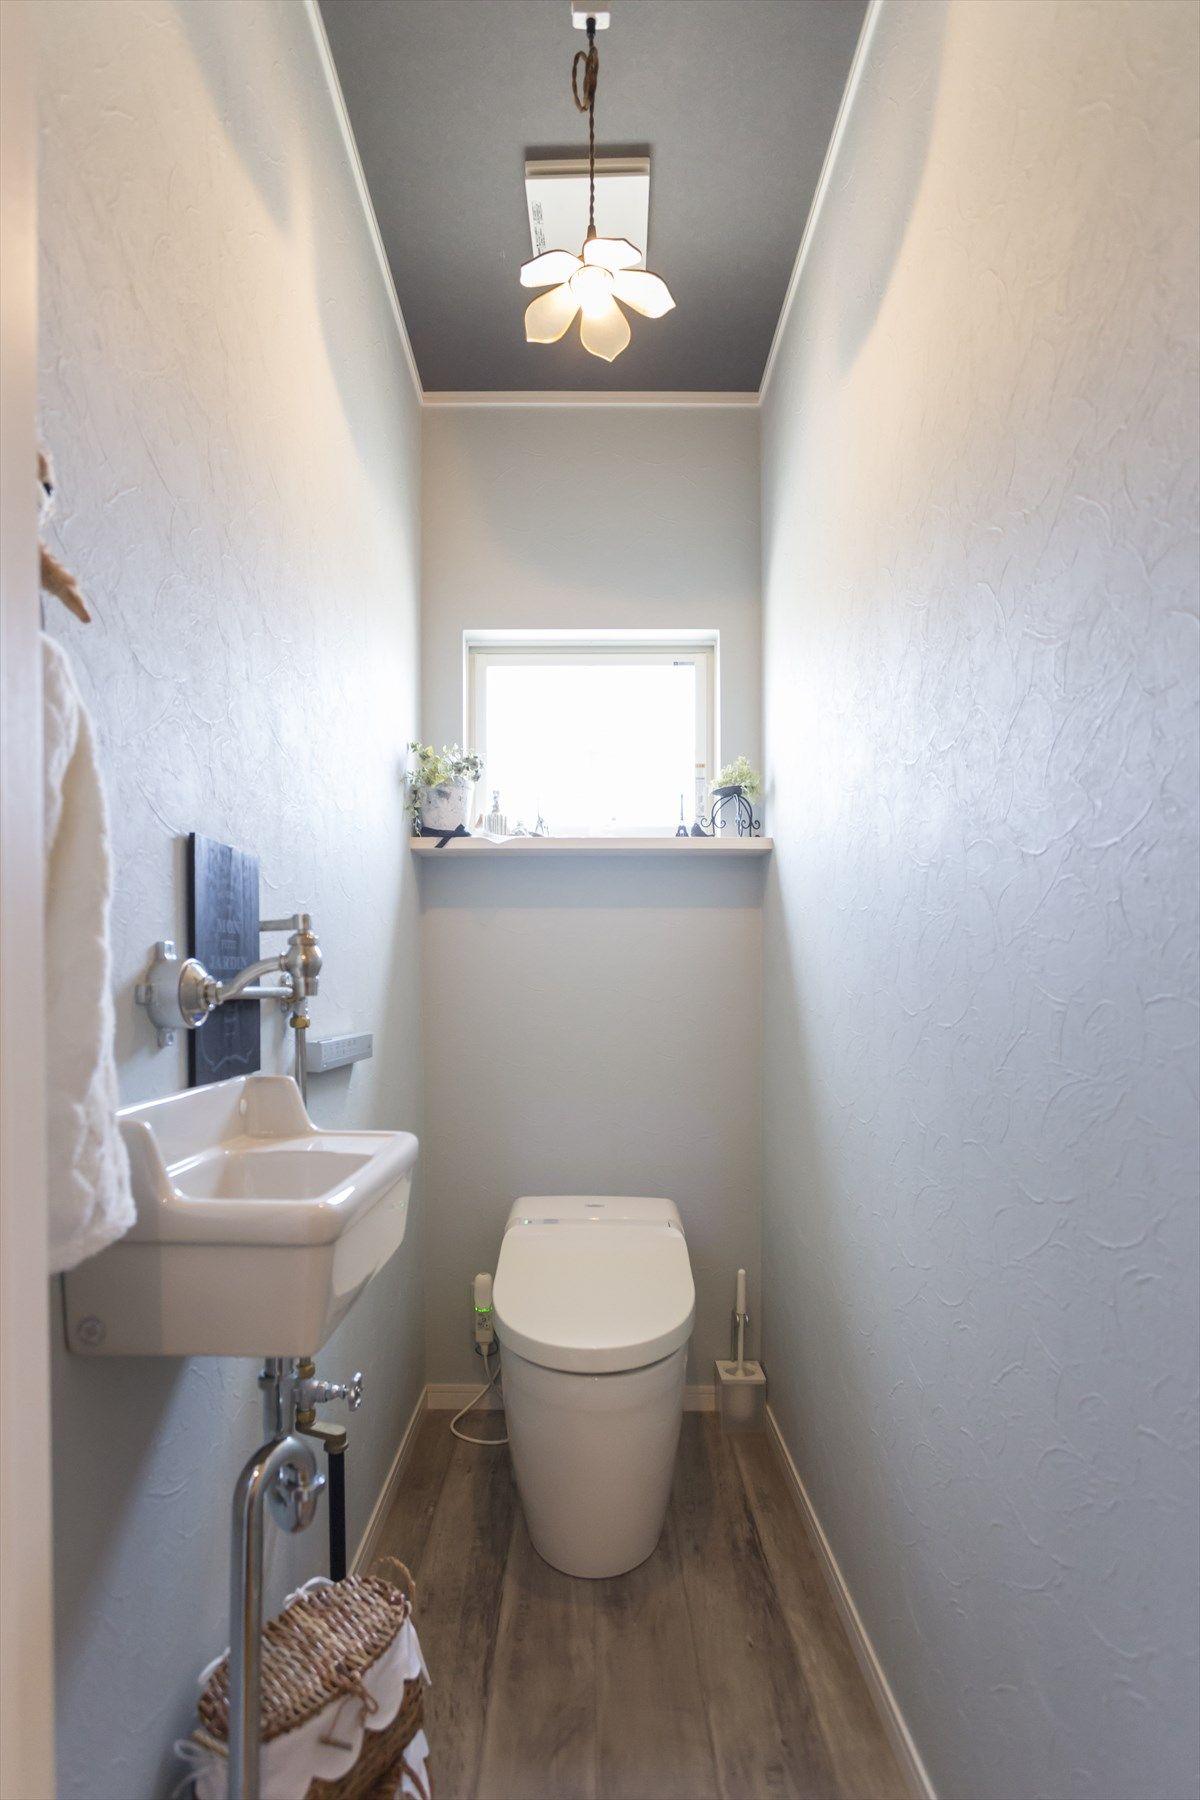 トイレ ジャストの家 トイレ インテリア トイレ 壁紙 おしゃれ